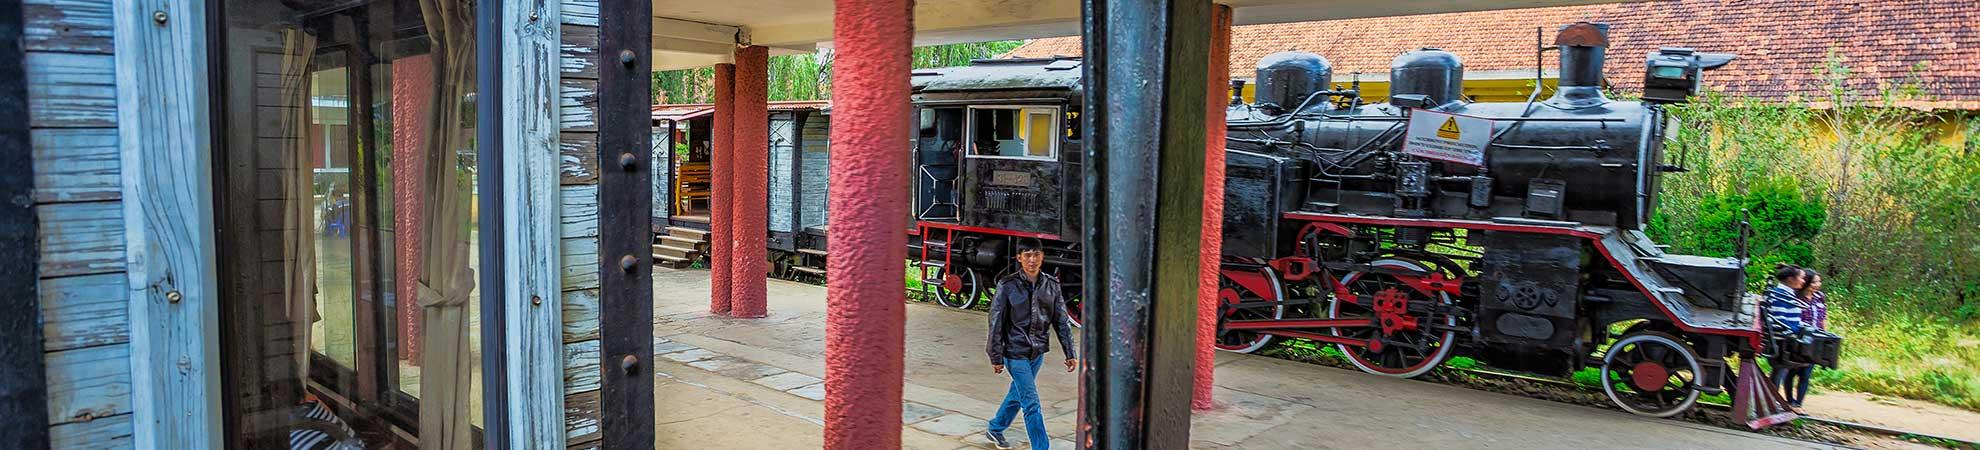 Transports en commun au Vietnam